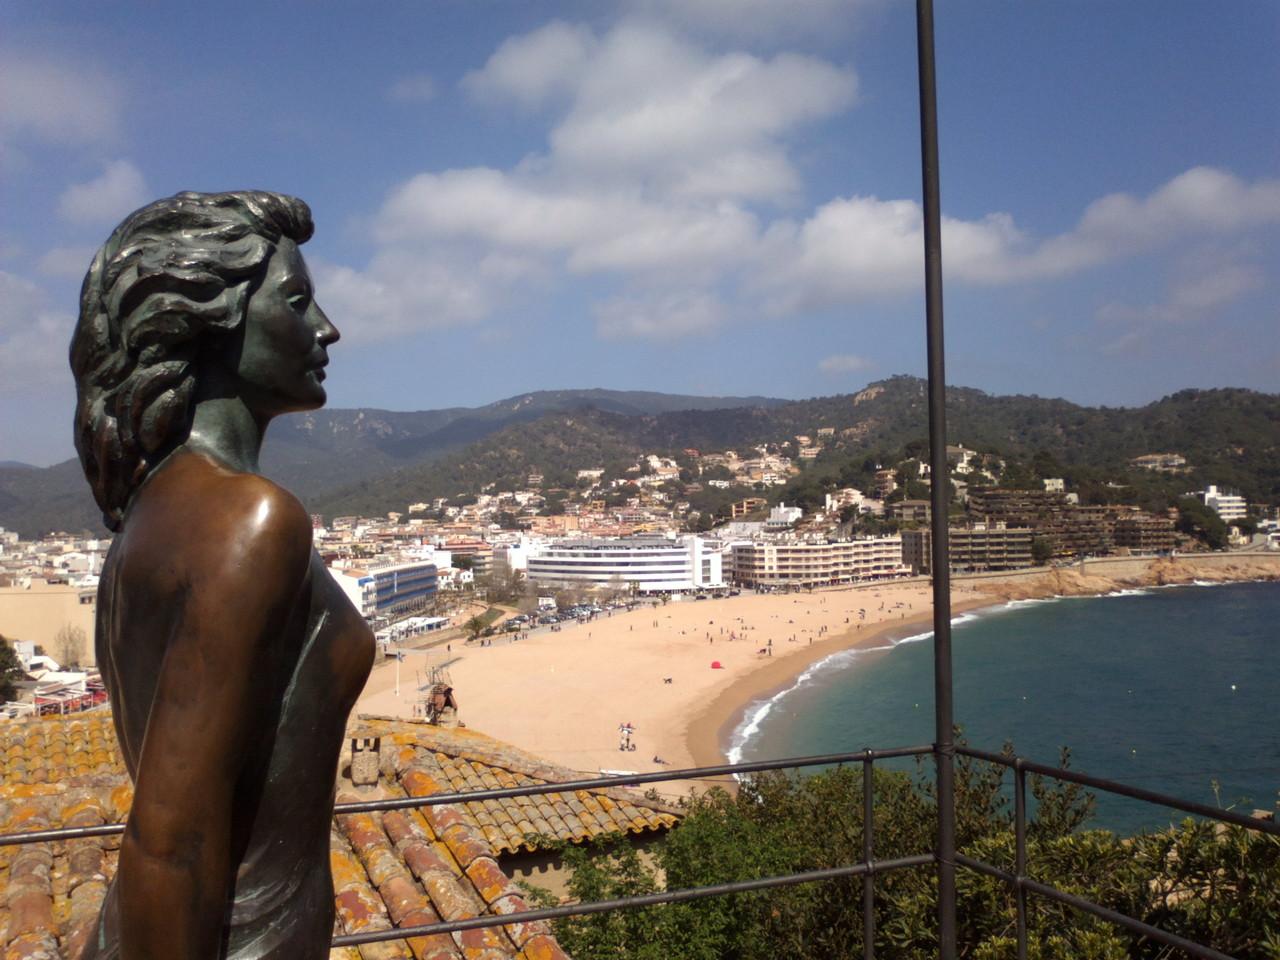 La statue de Ava Gardner avec `Tossa de Mar dans le fond